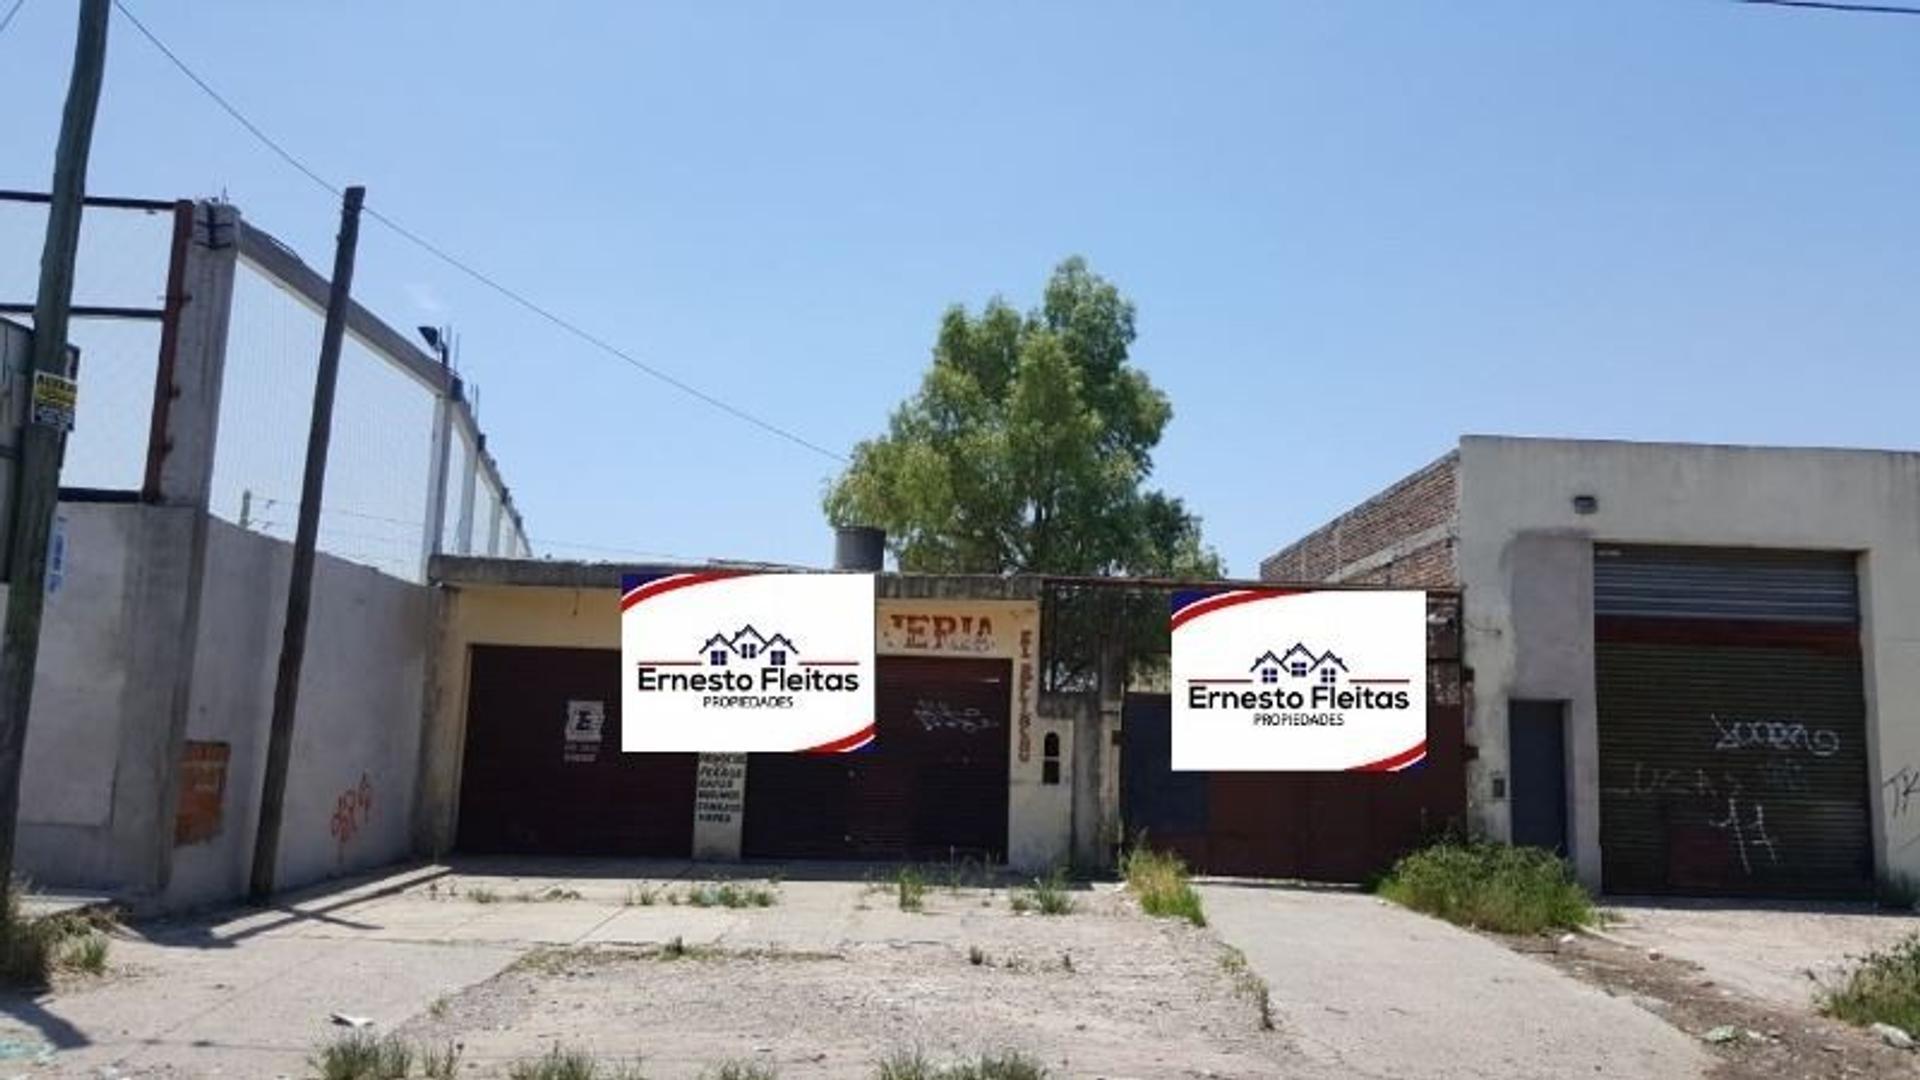 Hugo Wast e/ Racunda , Kilometro 38, Virrey del Pino. Propiedad con dos Locales y un Depto al fondo